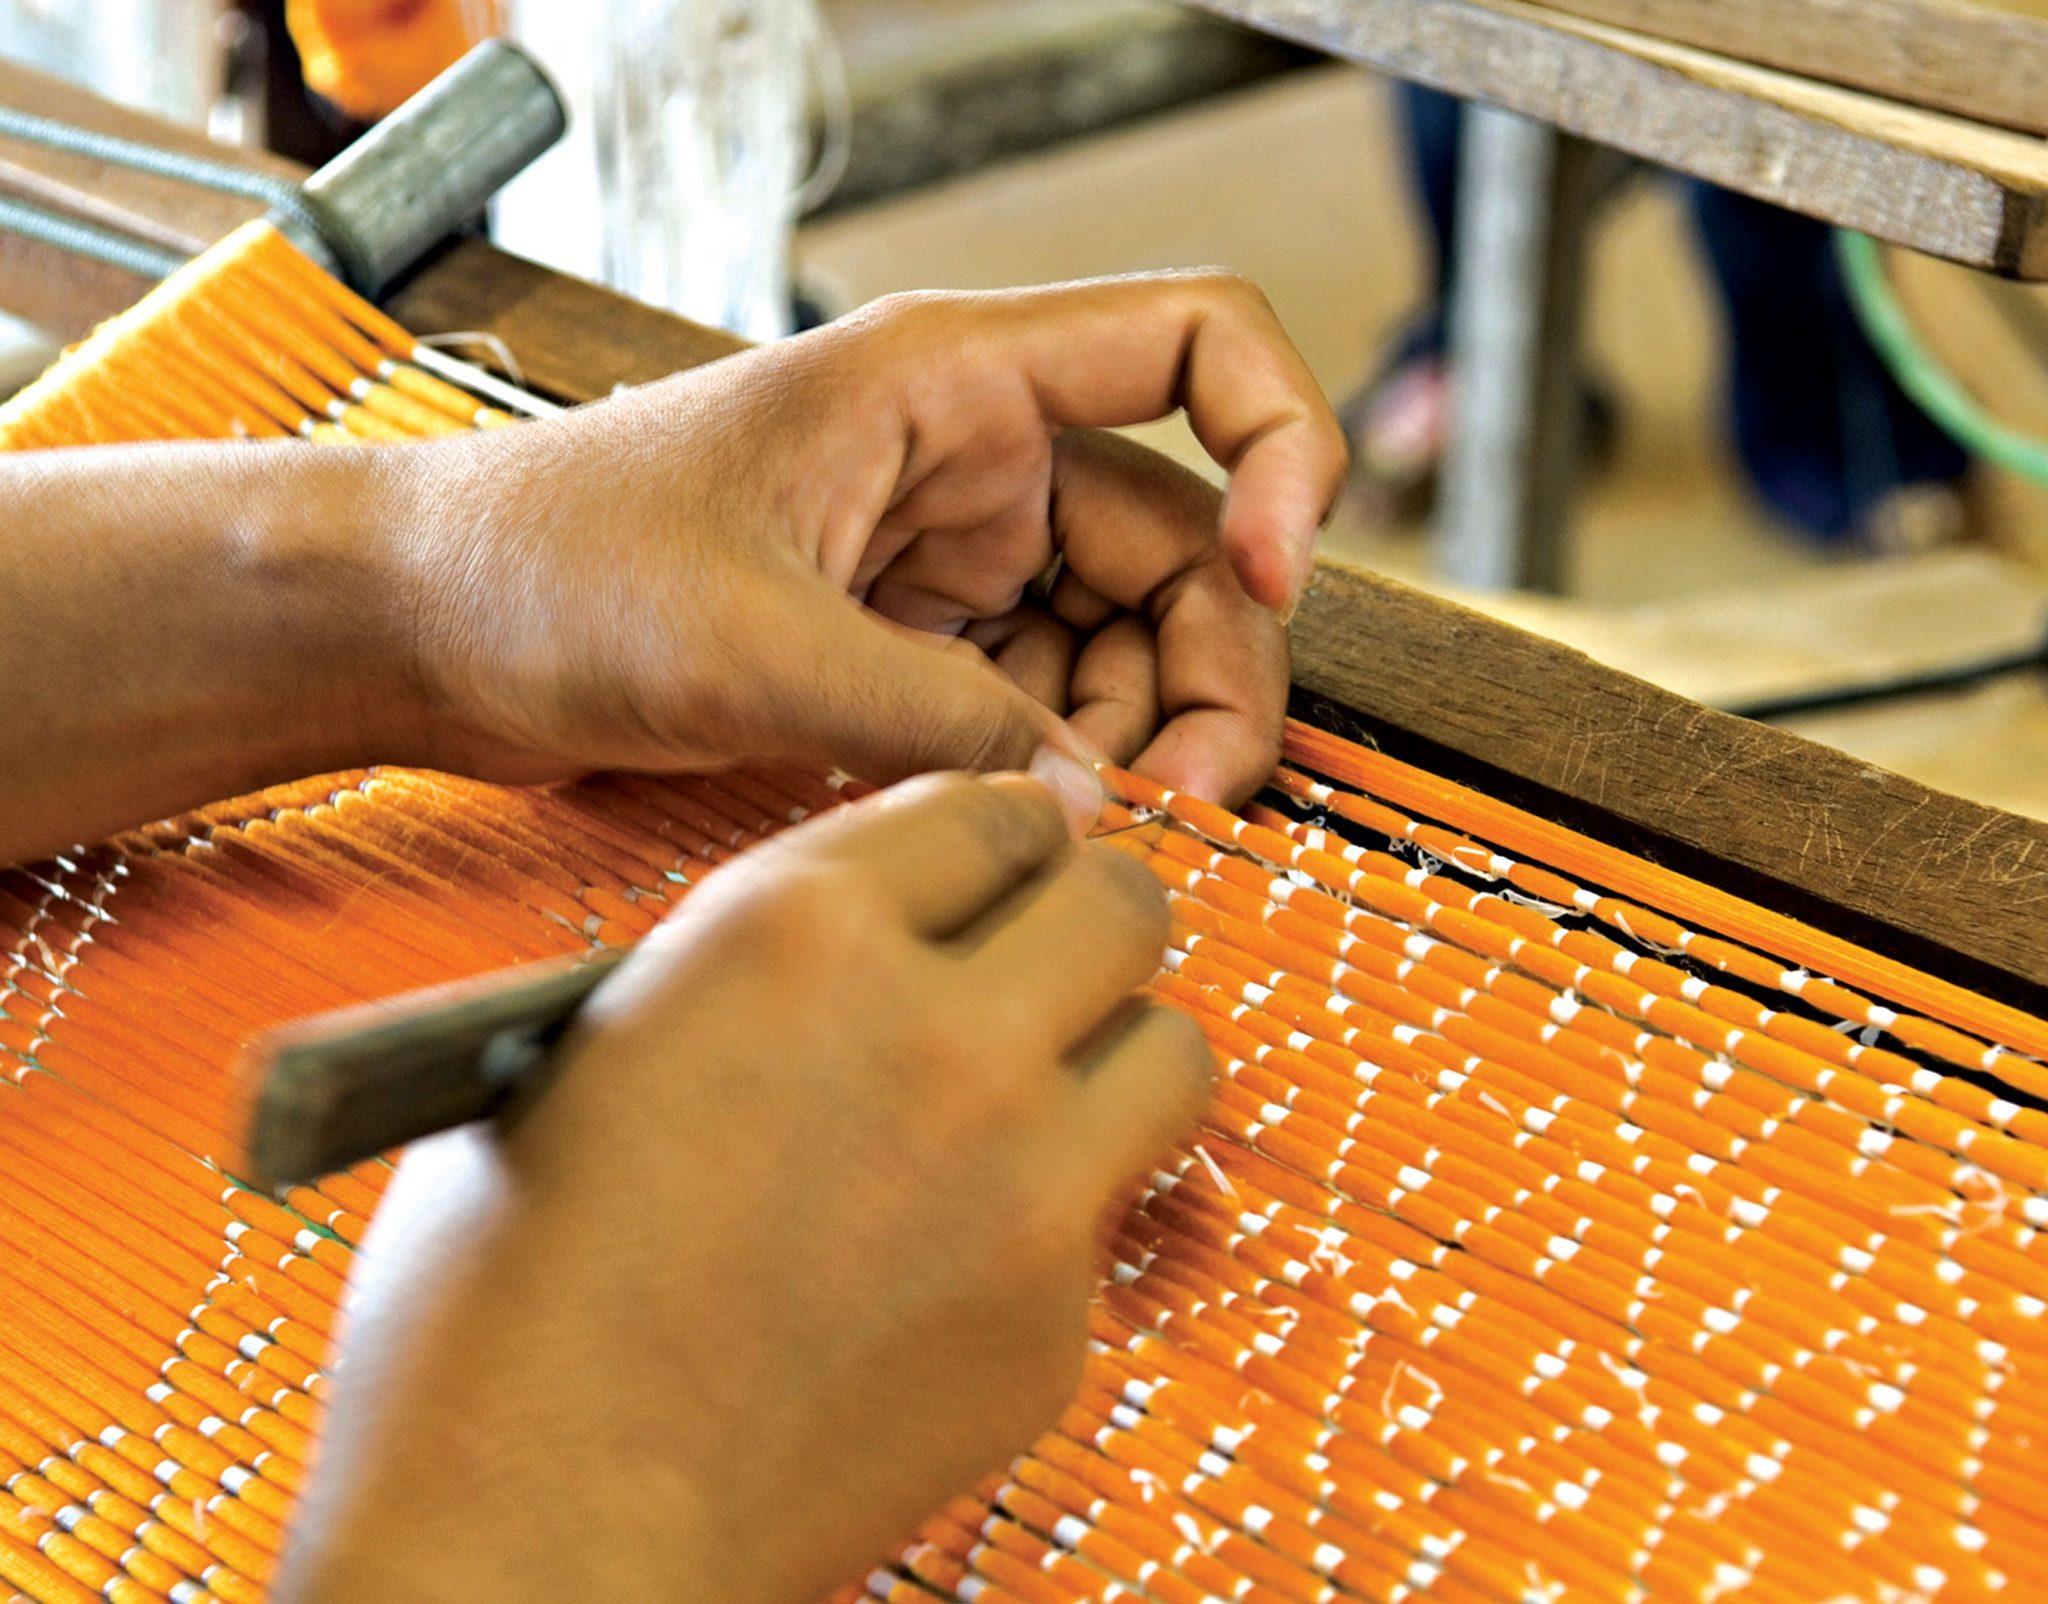 Cambodia apparel sector